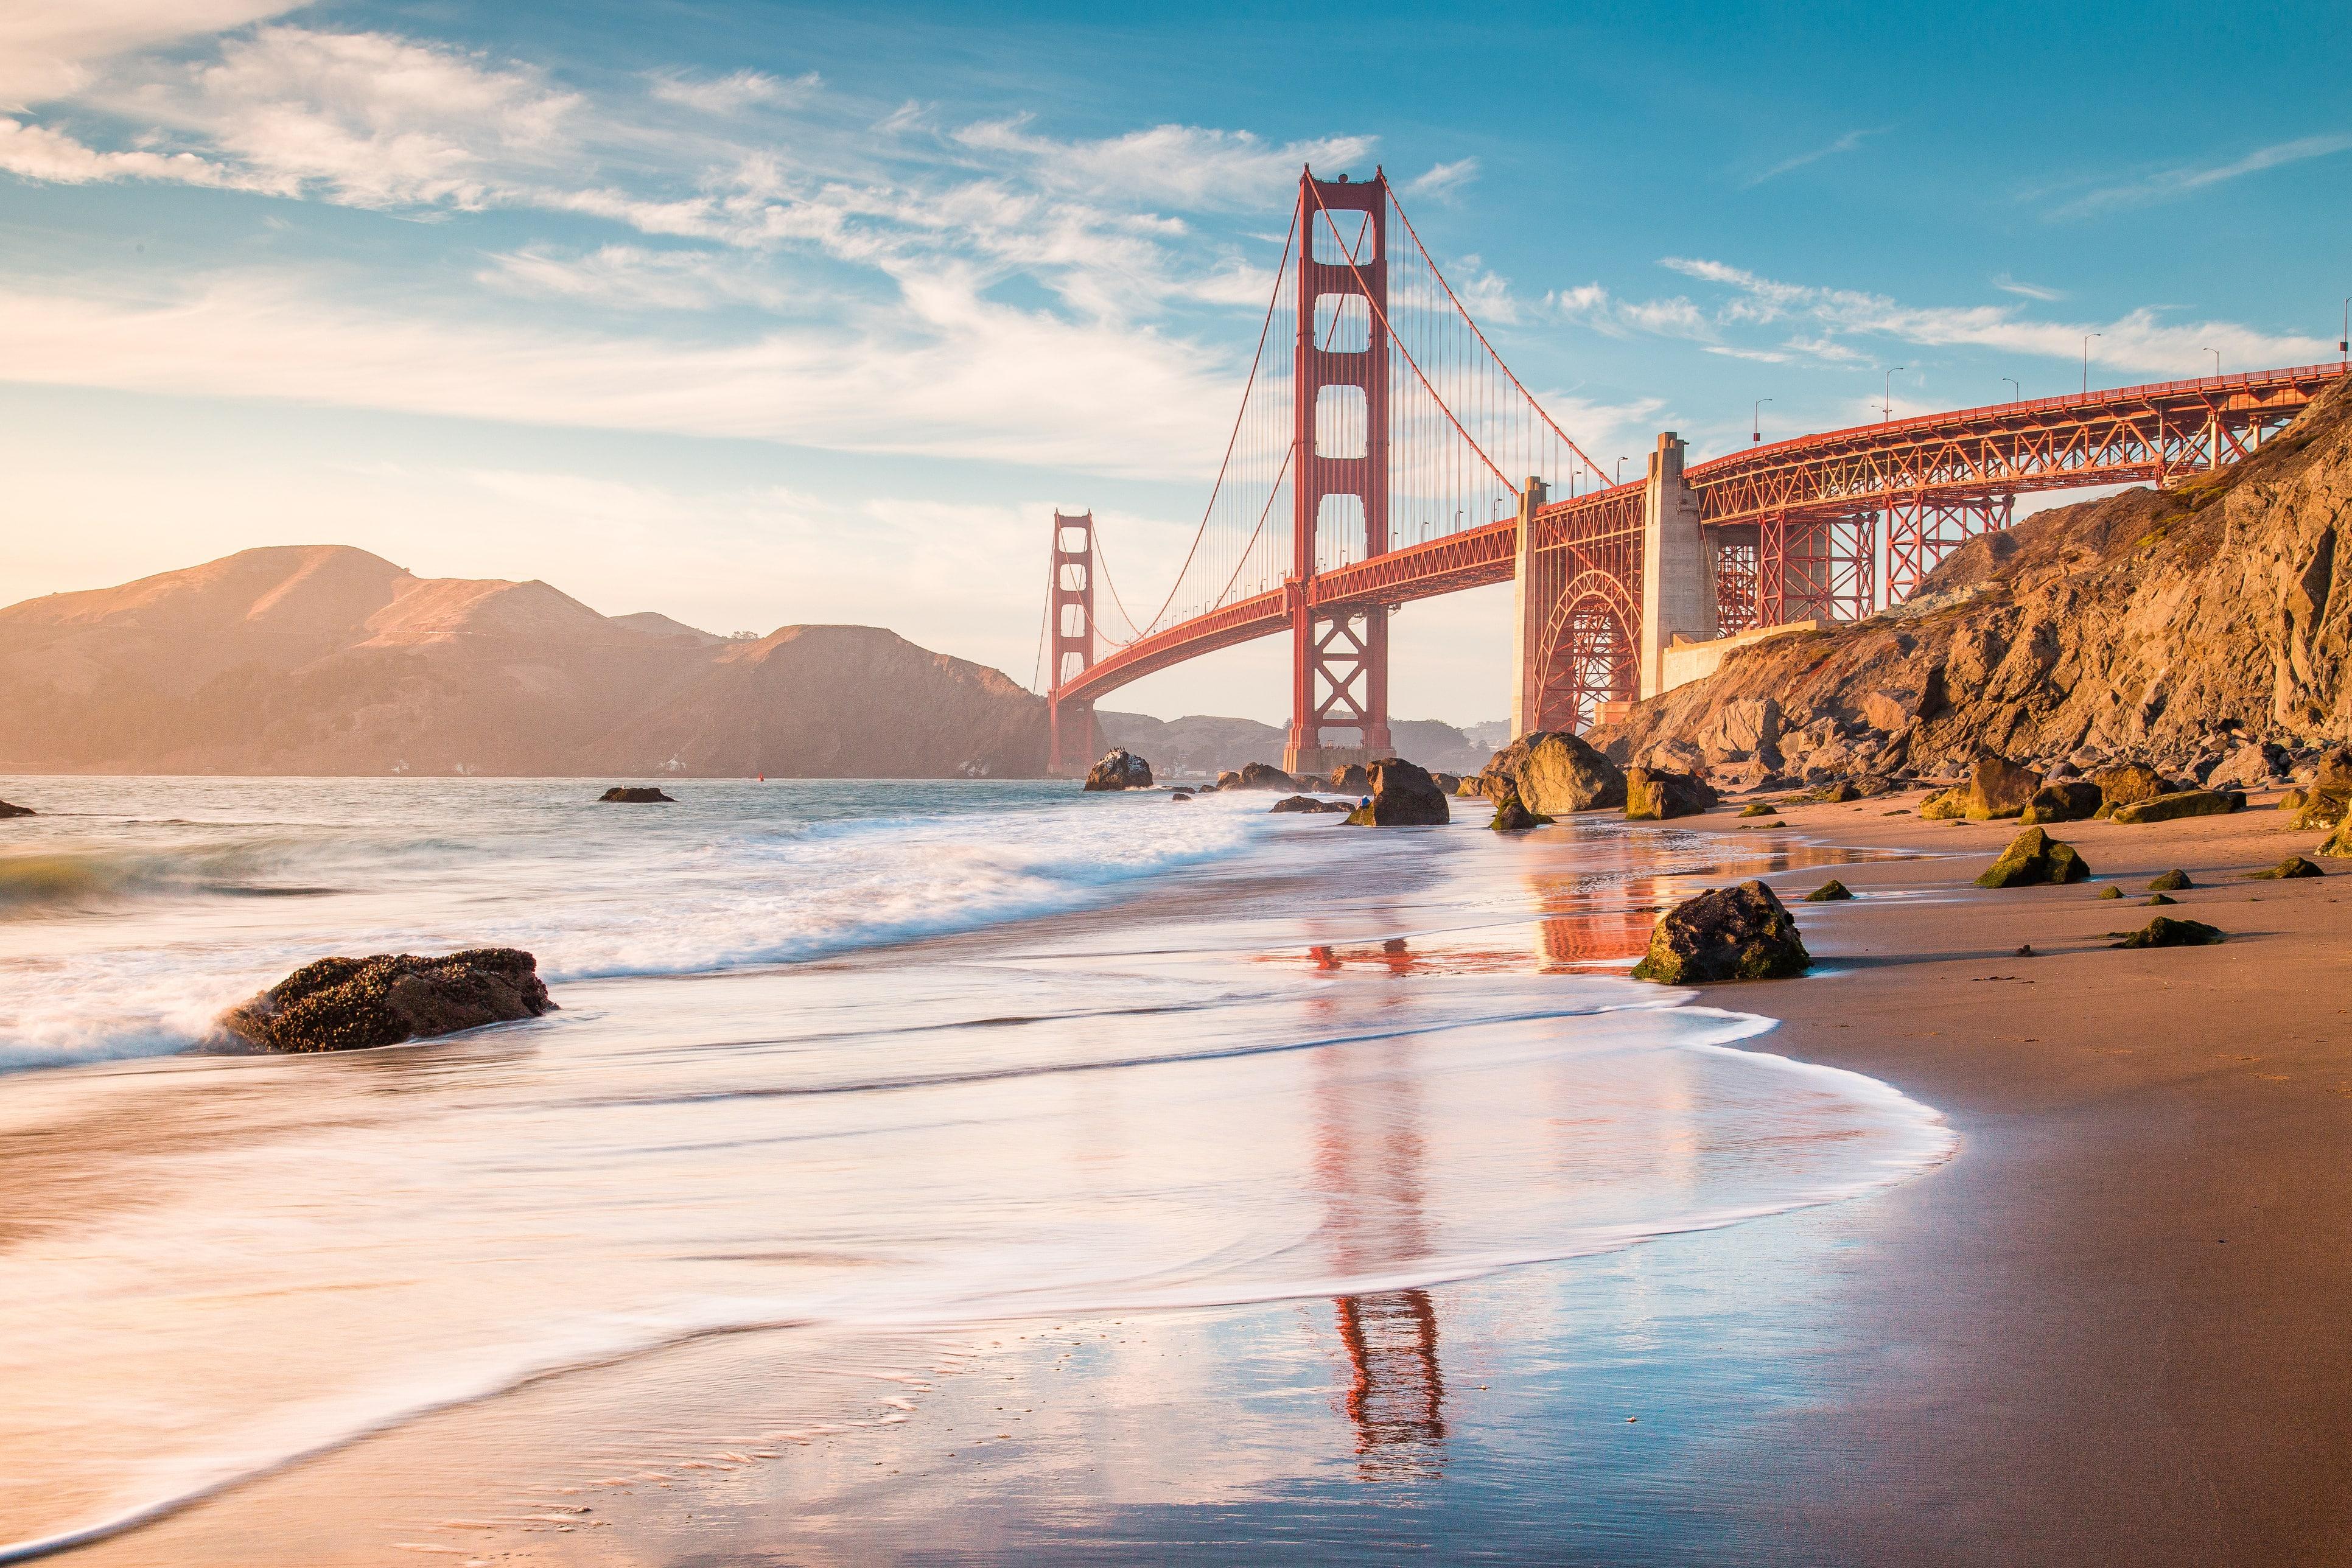 Golden Gate en San Francisco, California, Estados Unidos